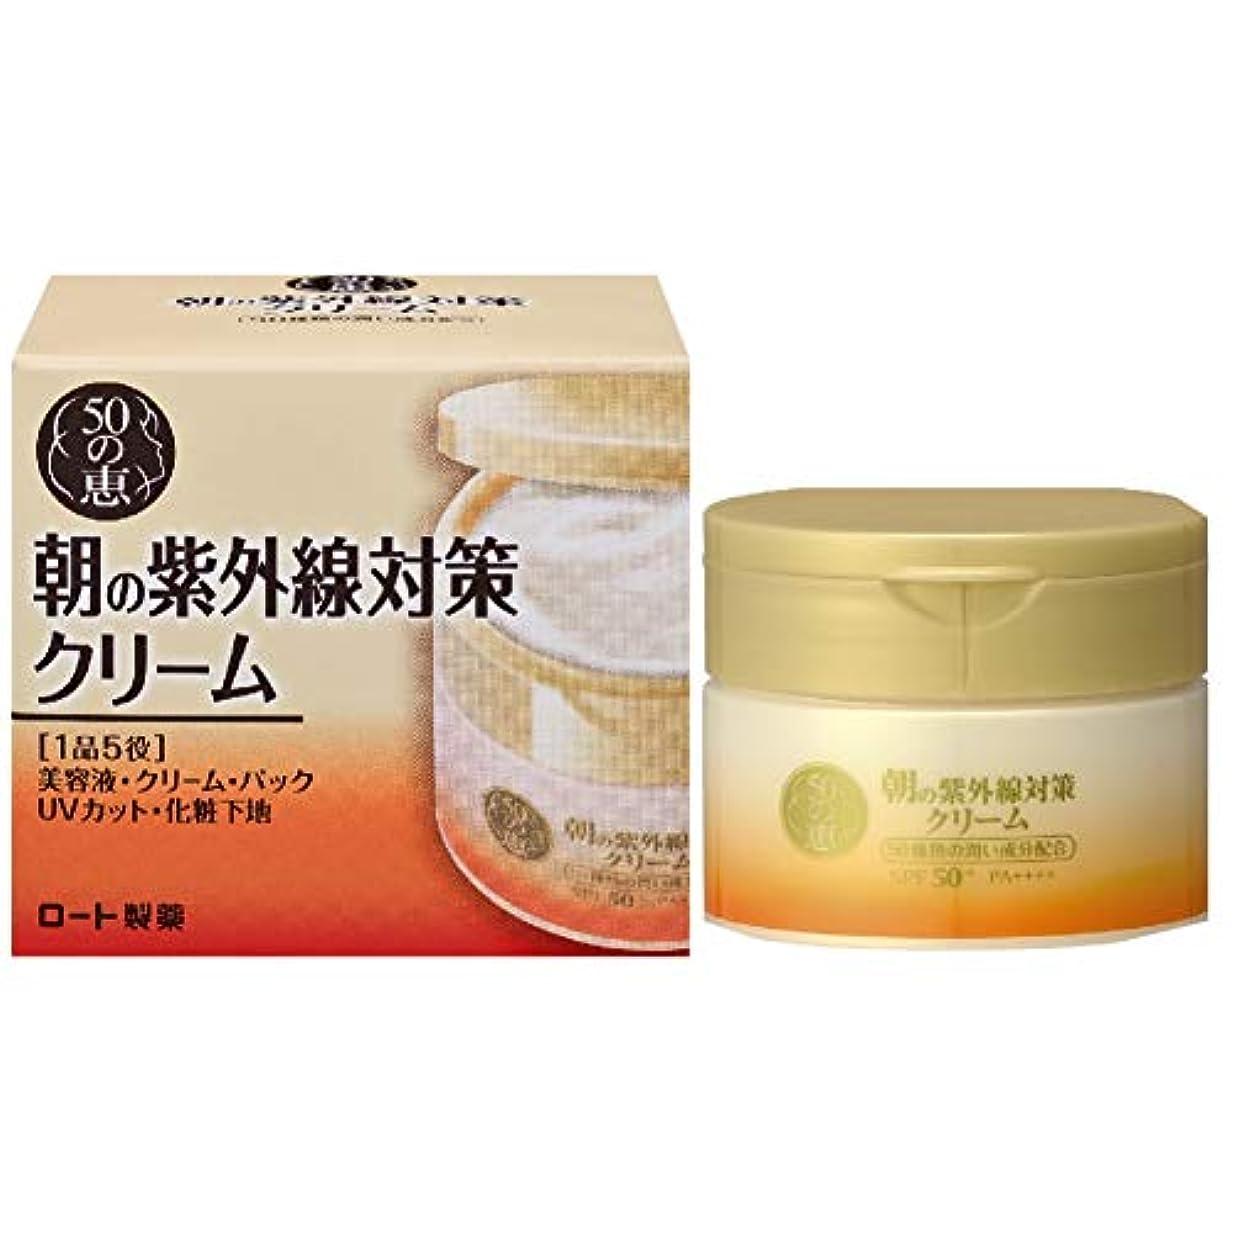 期限期限バルセロナロート製薬 50の恵エイジングケア 朝の紫外線対策クリーム 養潤成分50種類配合オールインワン SPF50+ PA++++ 90g